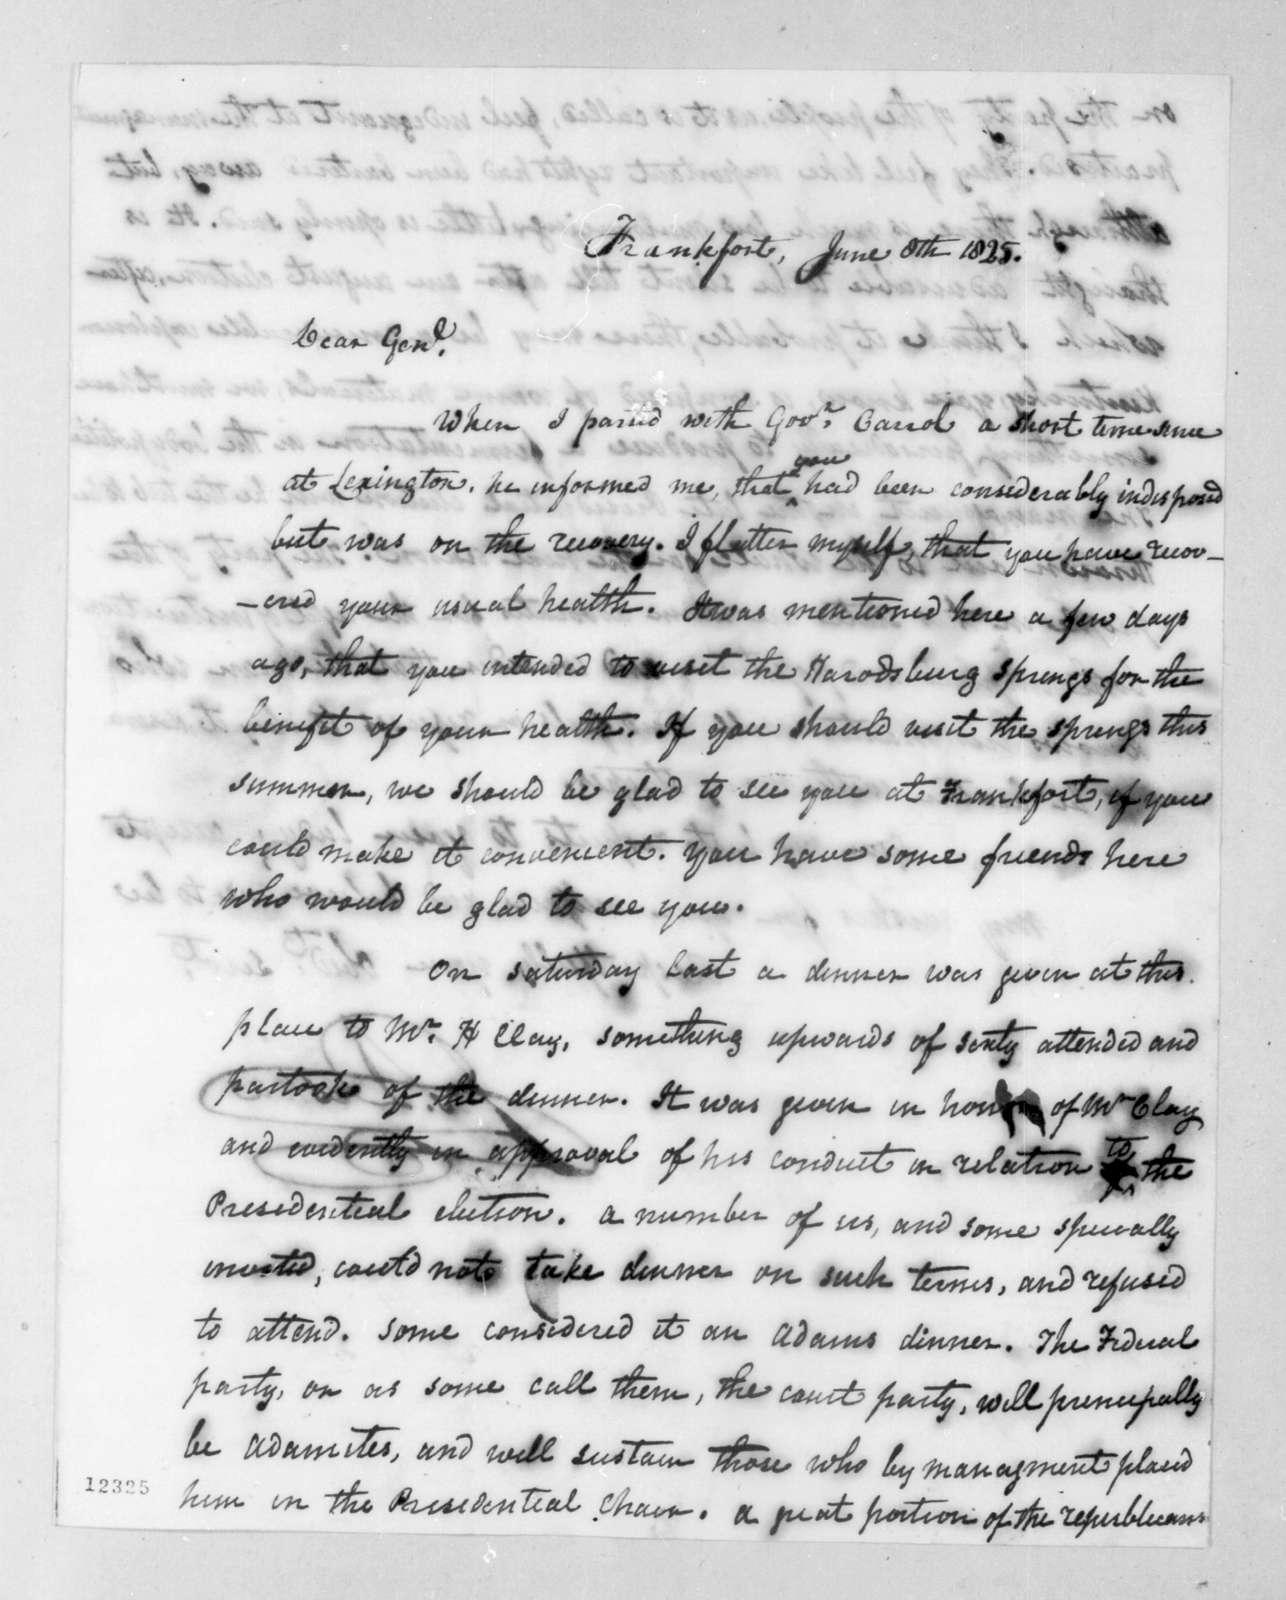 Joseph Desha to Andrew Jackson, June 8, 1825